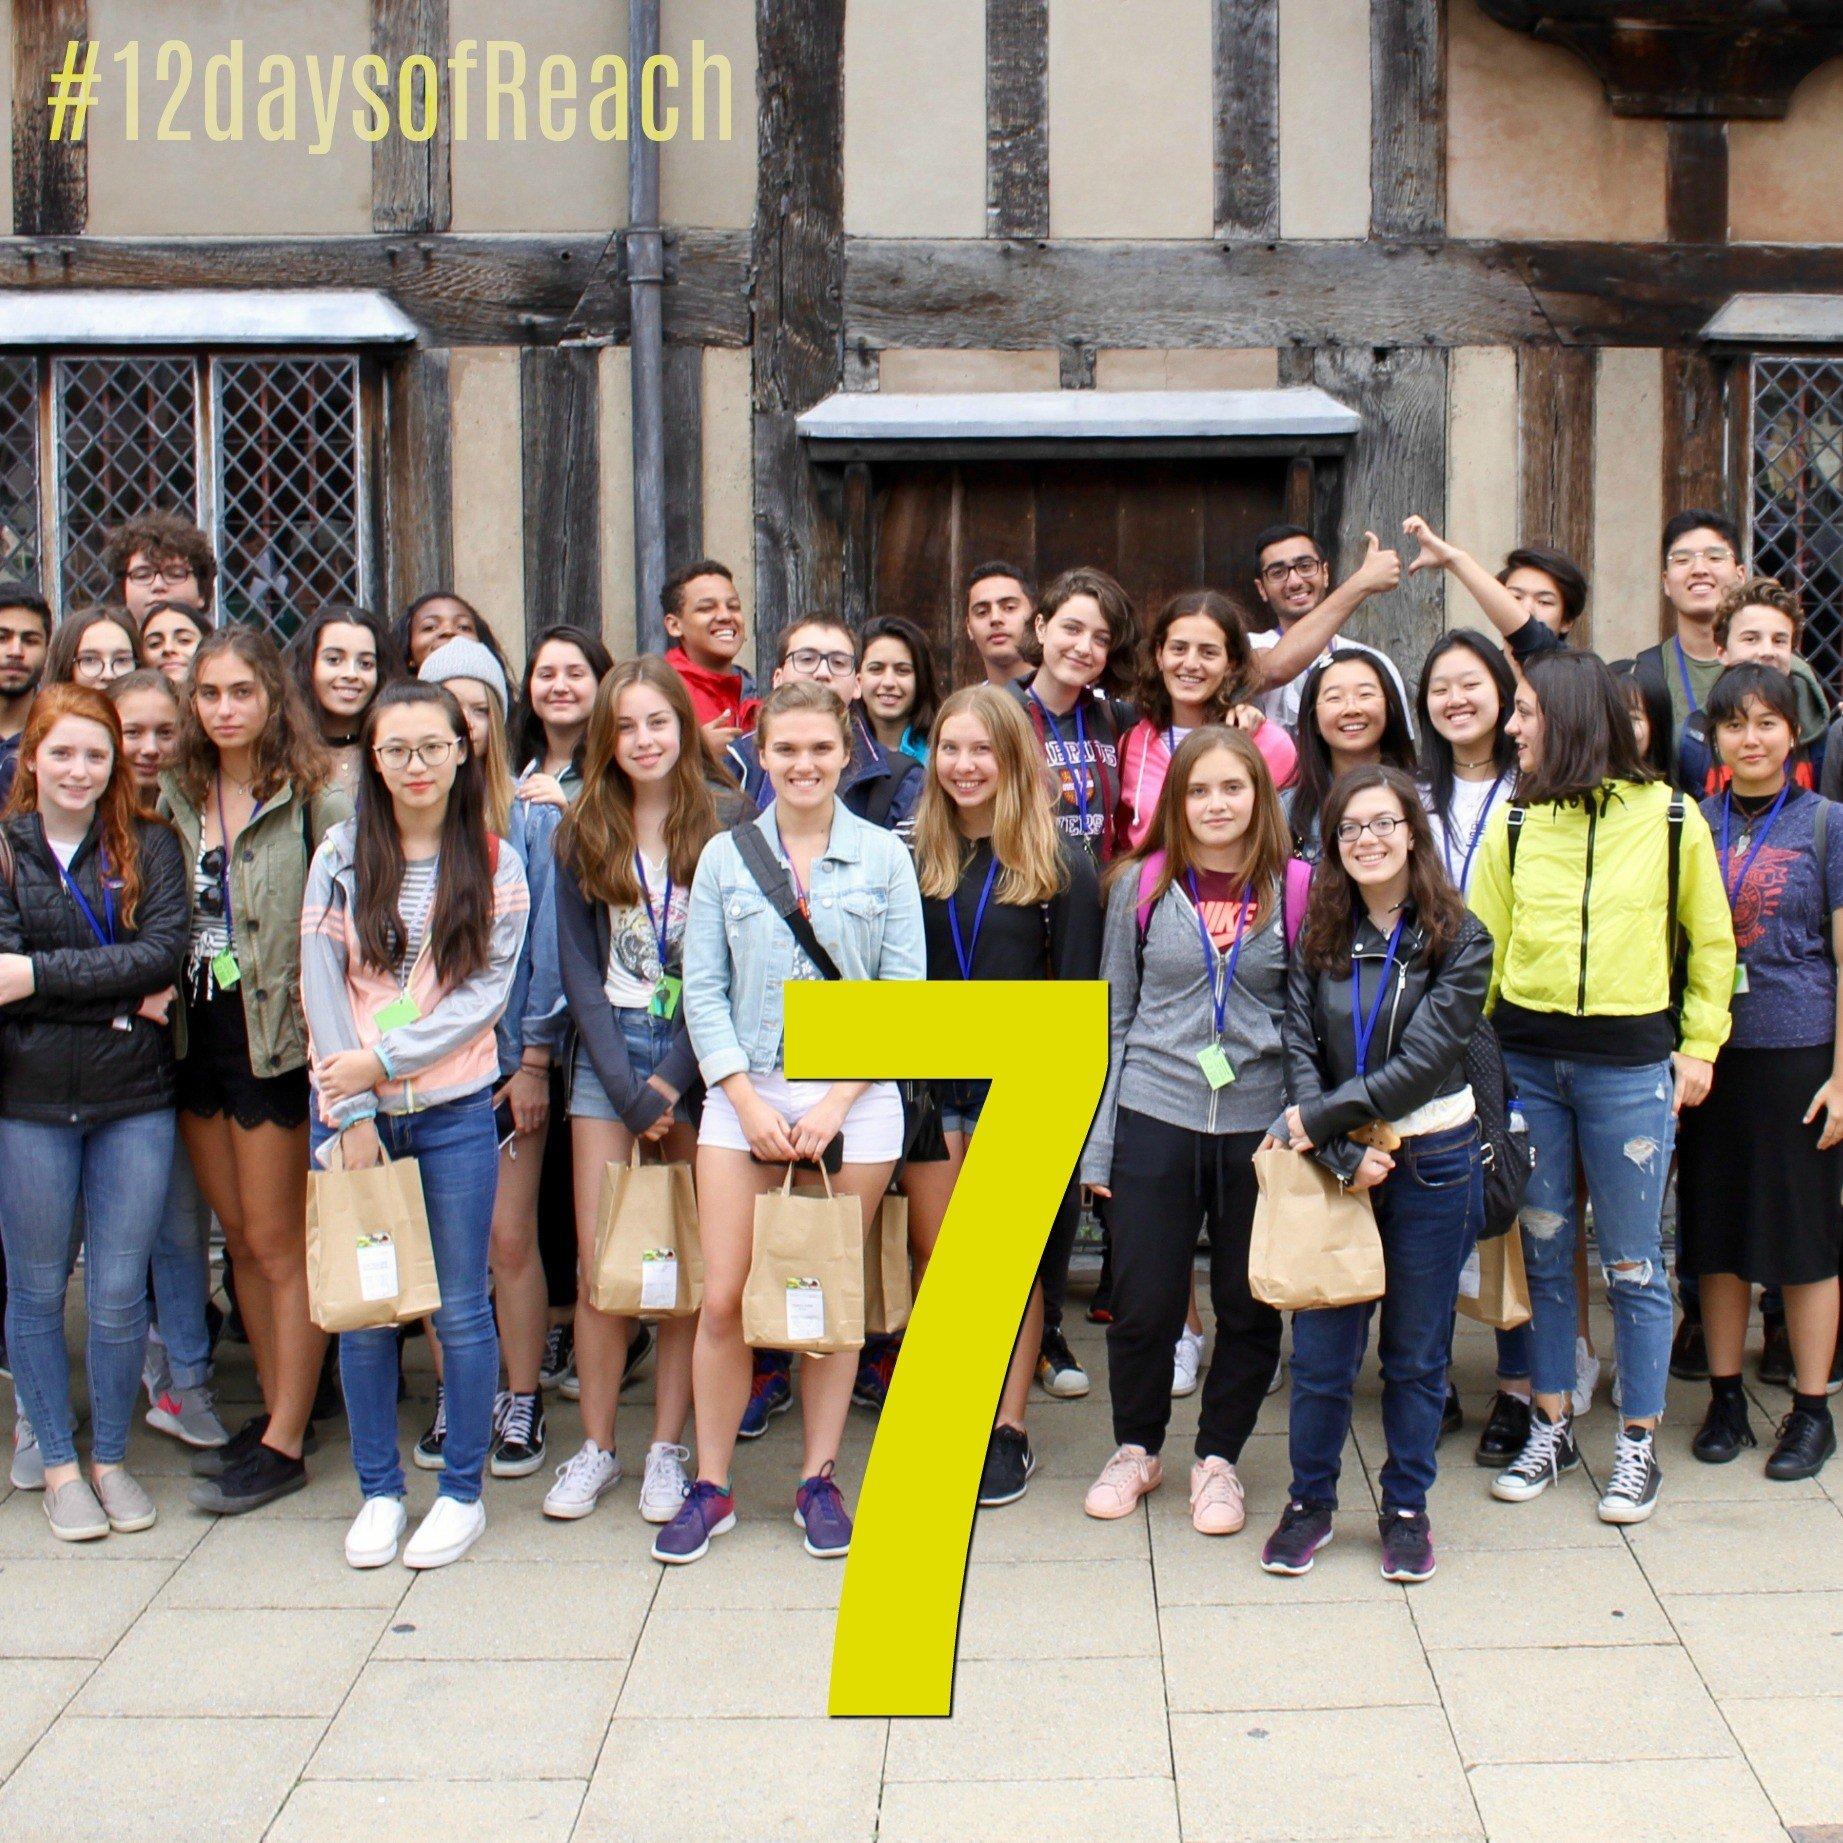 12 Days of Reach